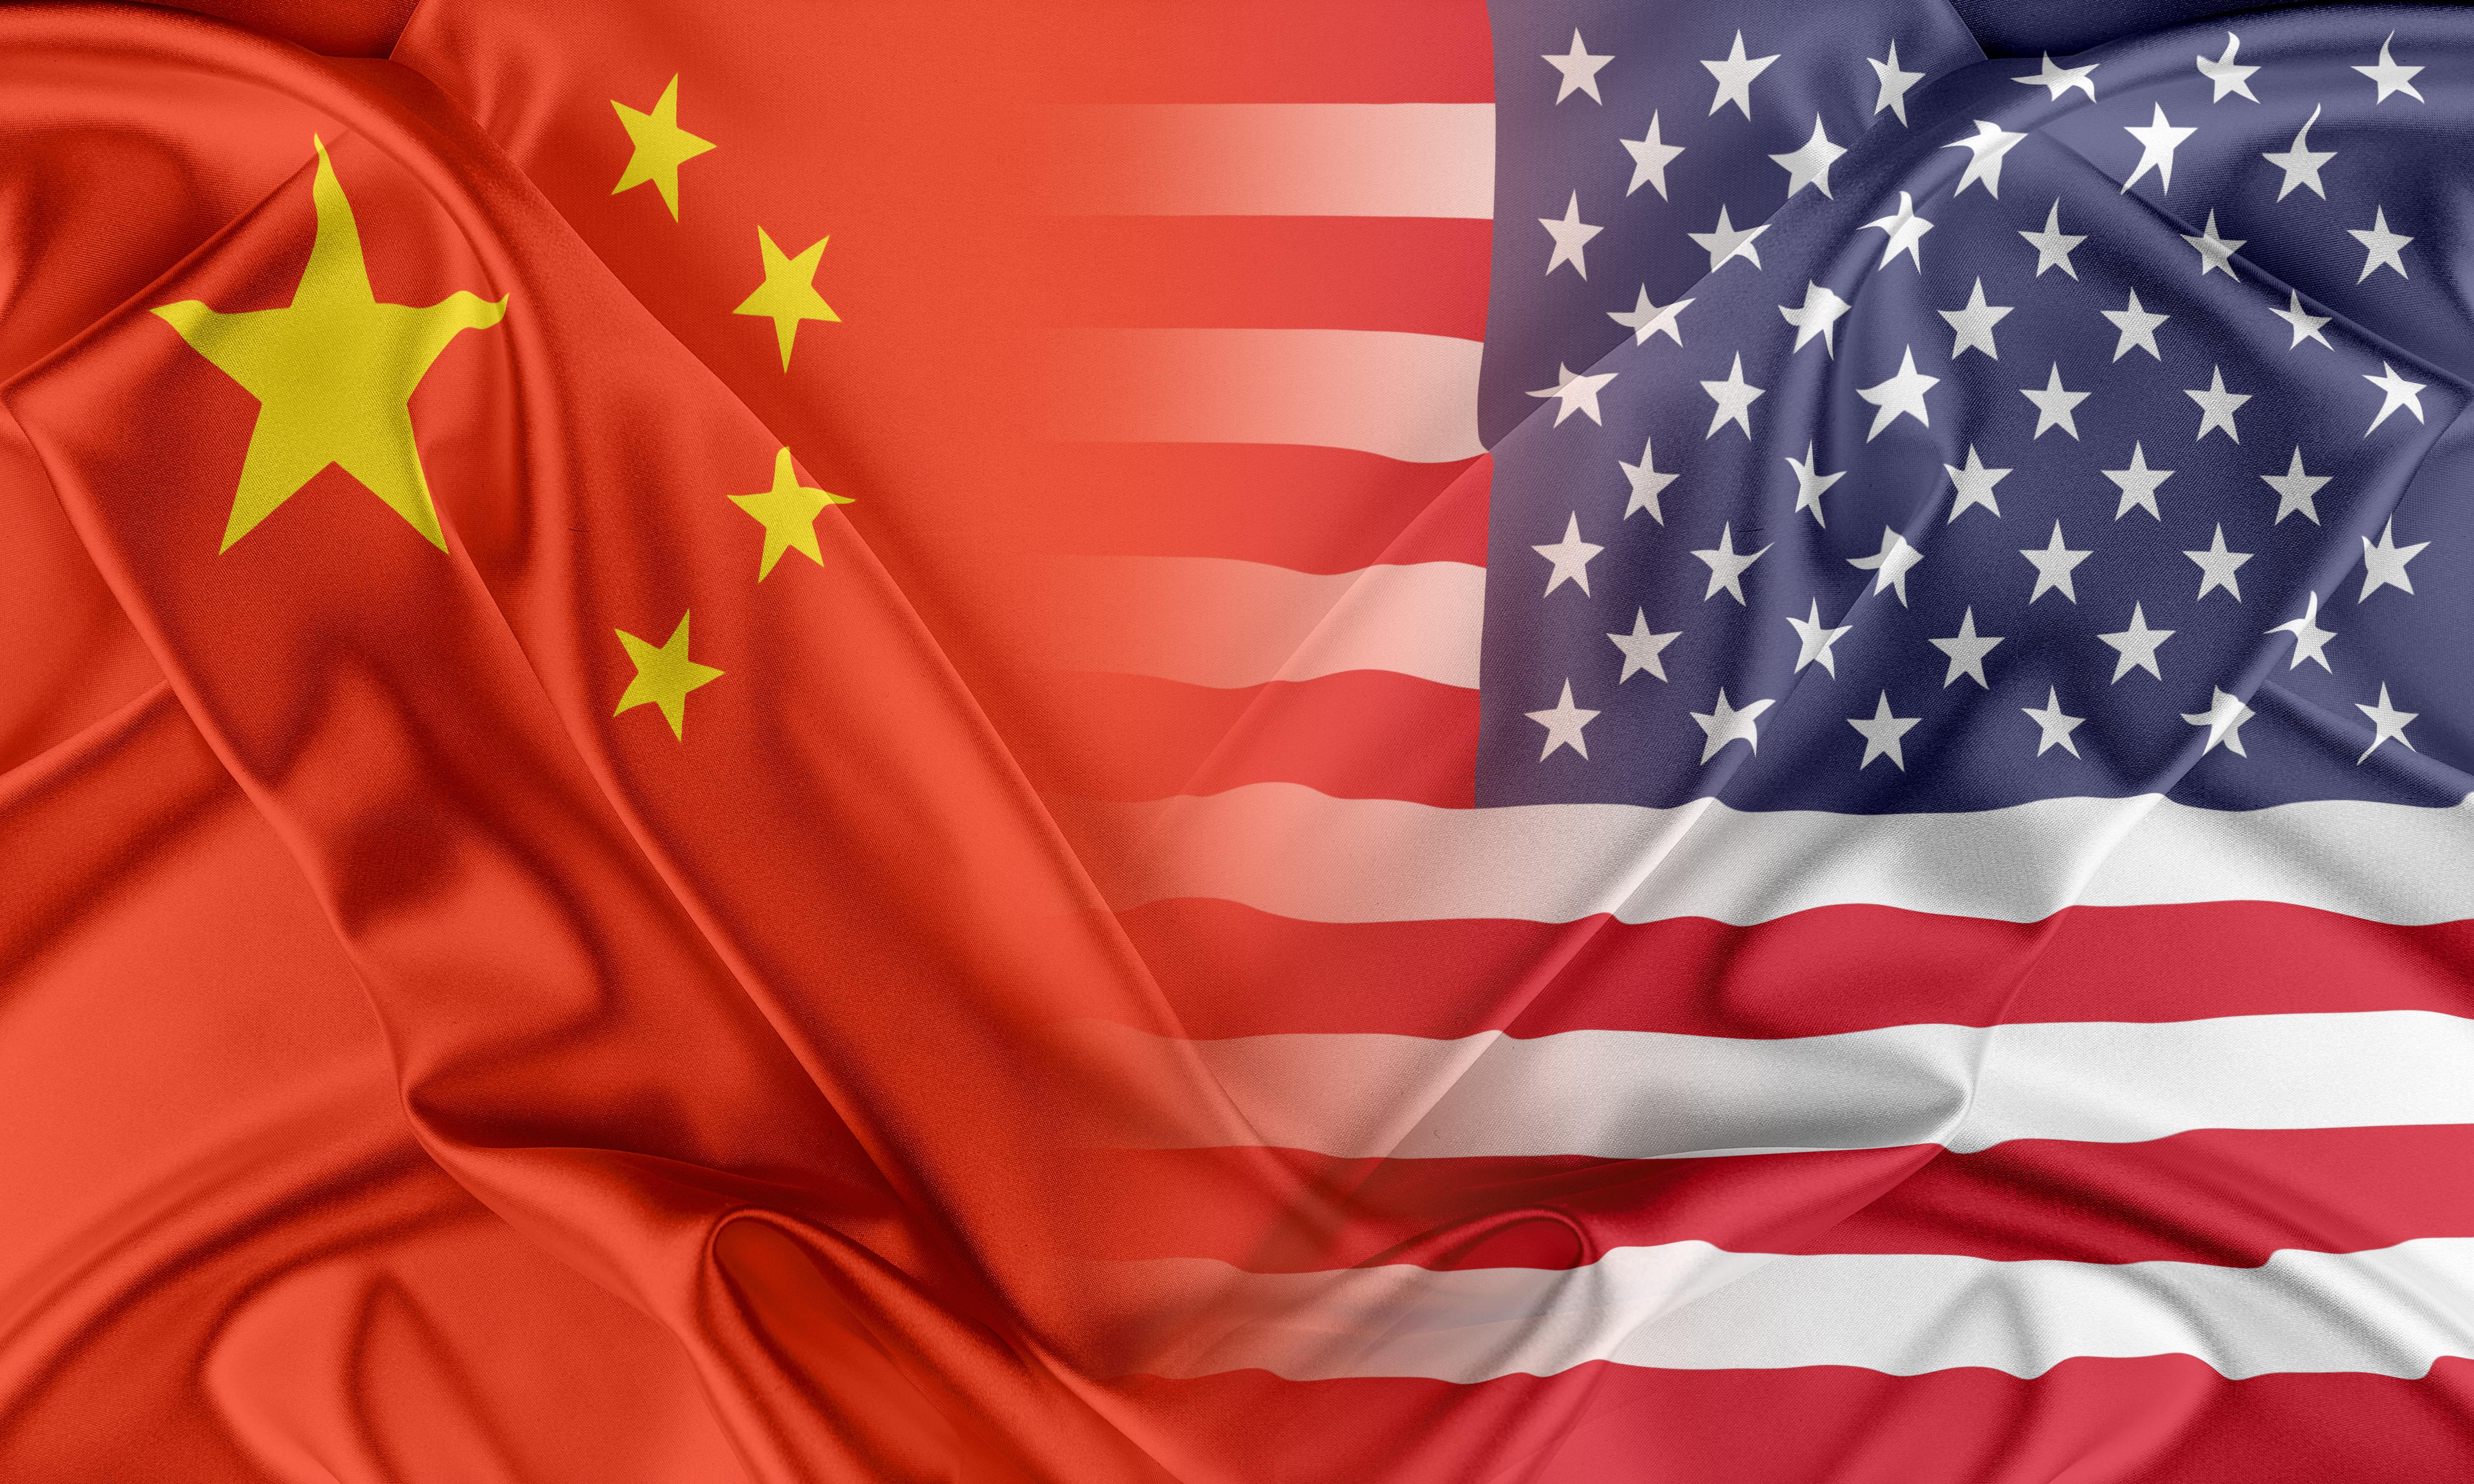 Como as consequências desconhecidas do COVID-19 afetam o pensamento sobre política externa e as relações EUA-China 9